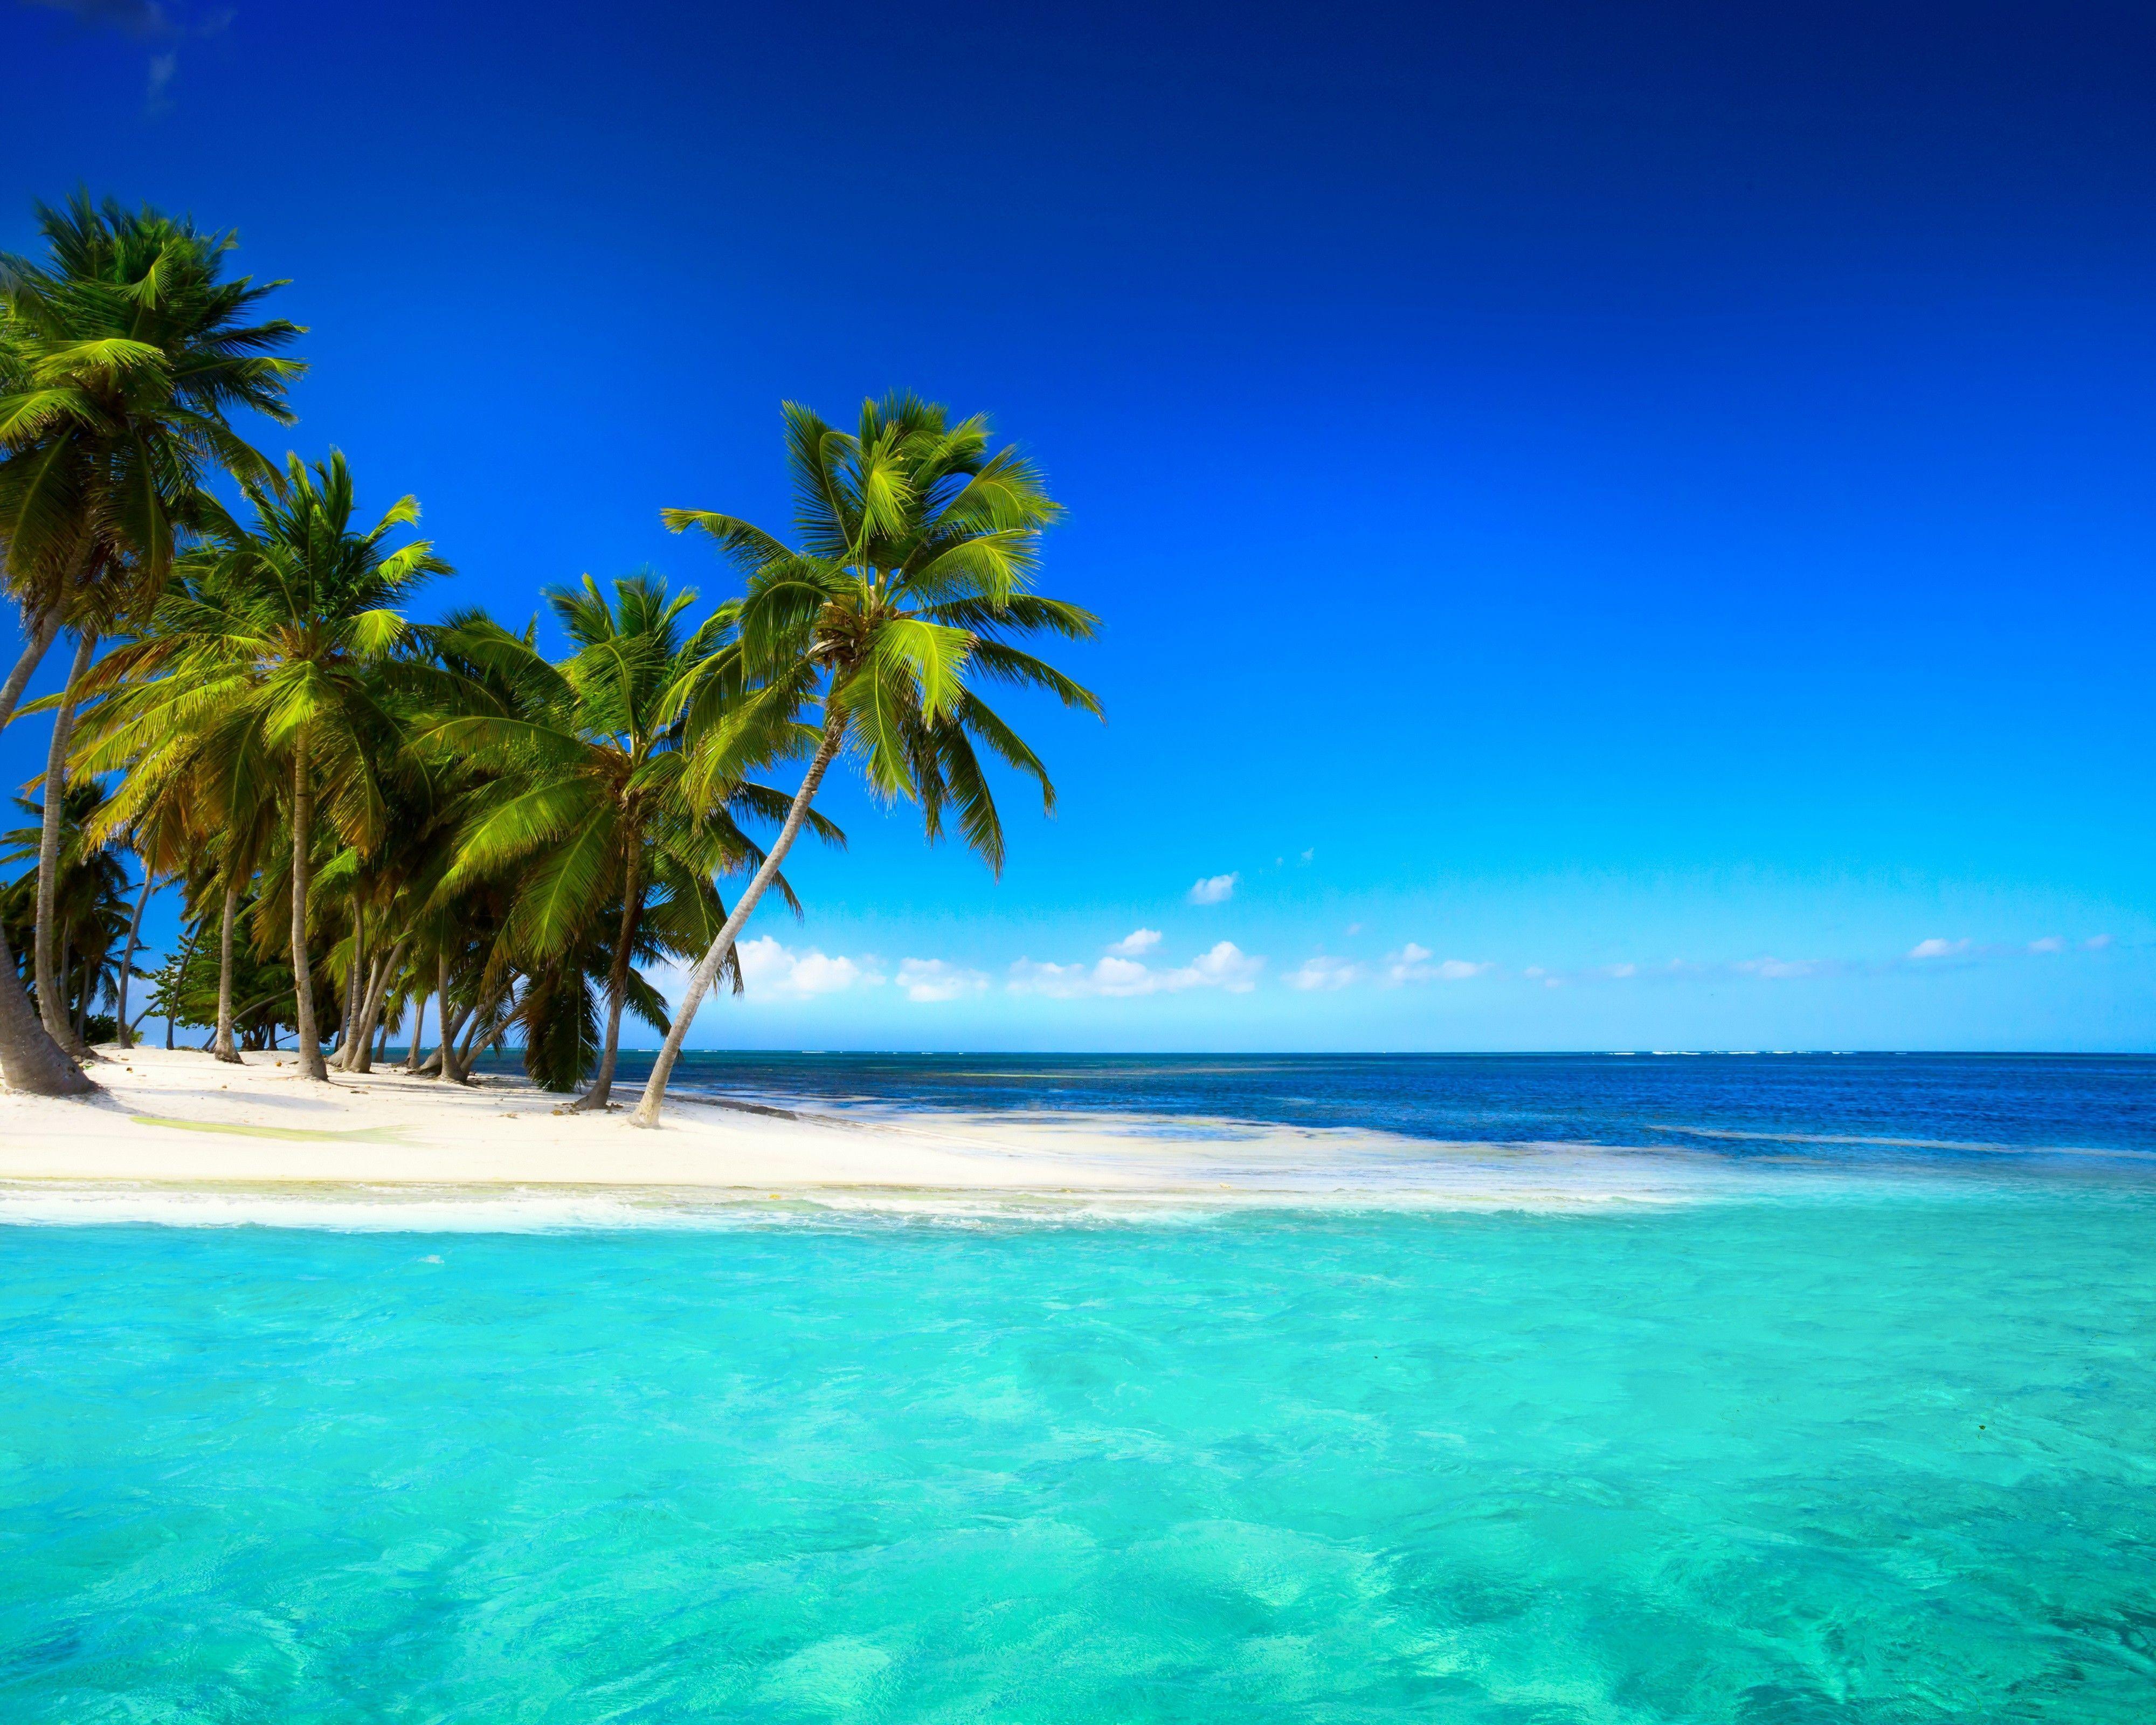 Hình nền bãi biển 4000x3200 Island